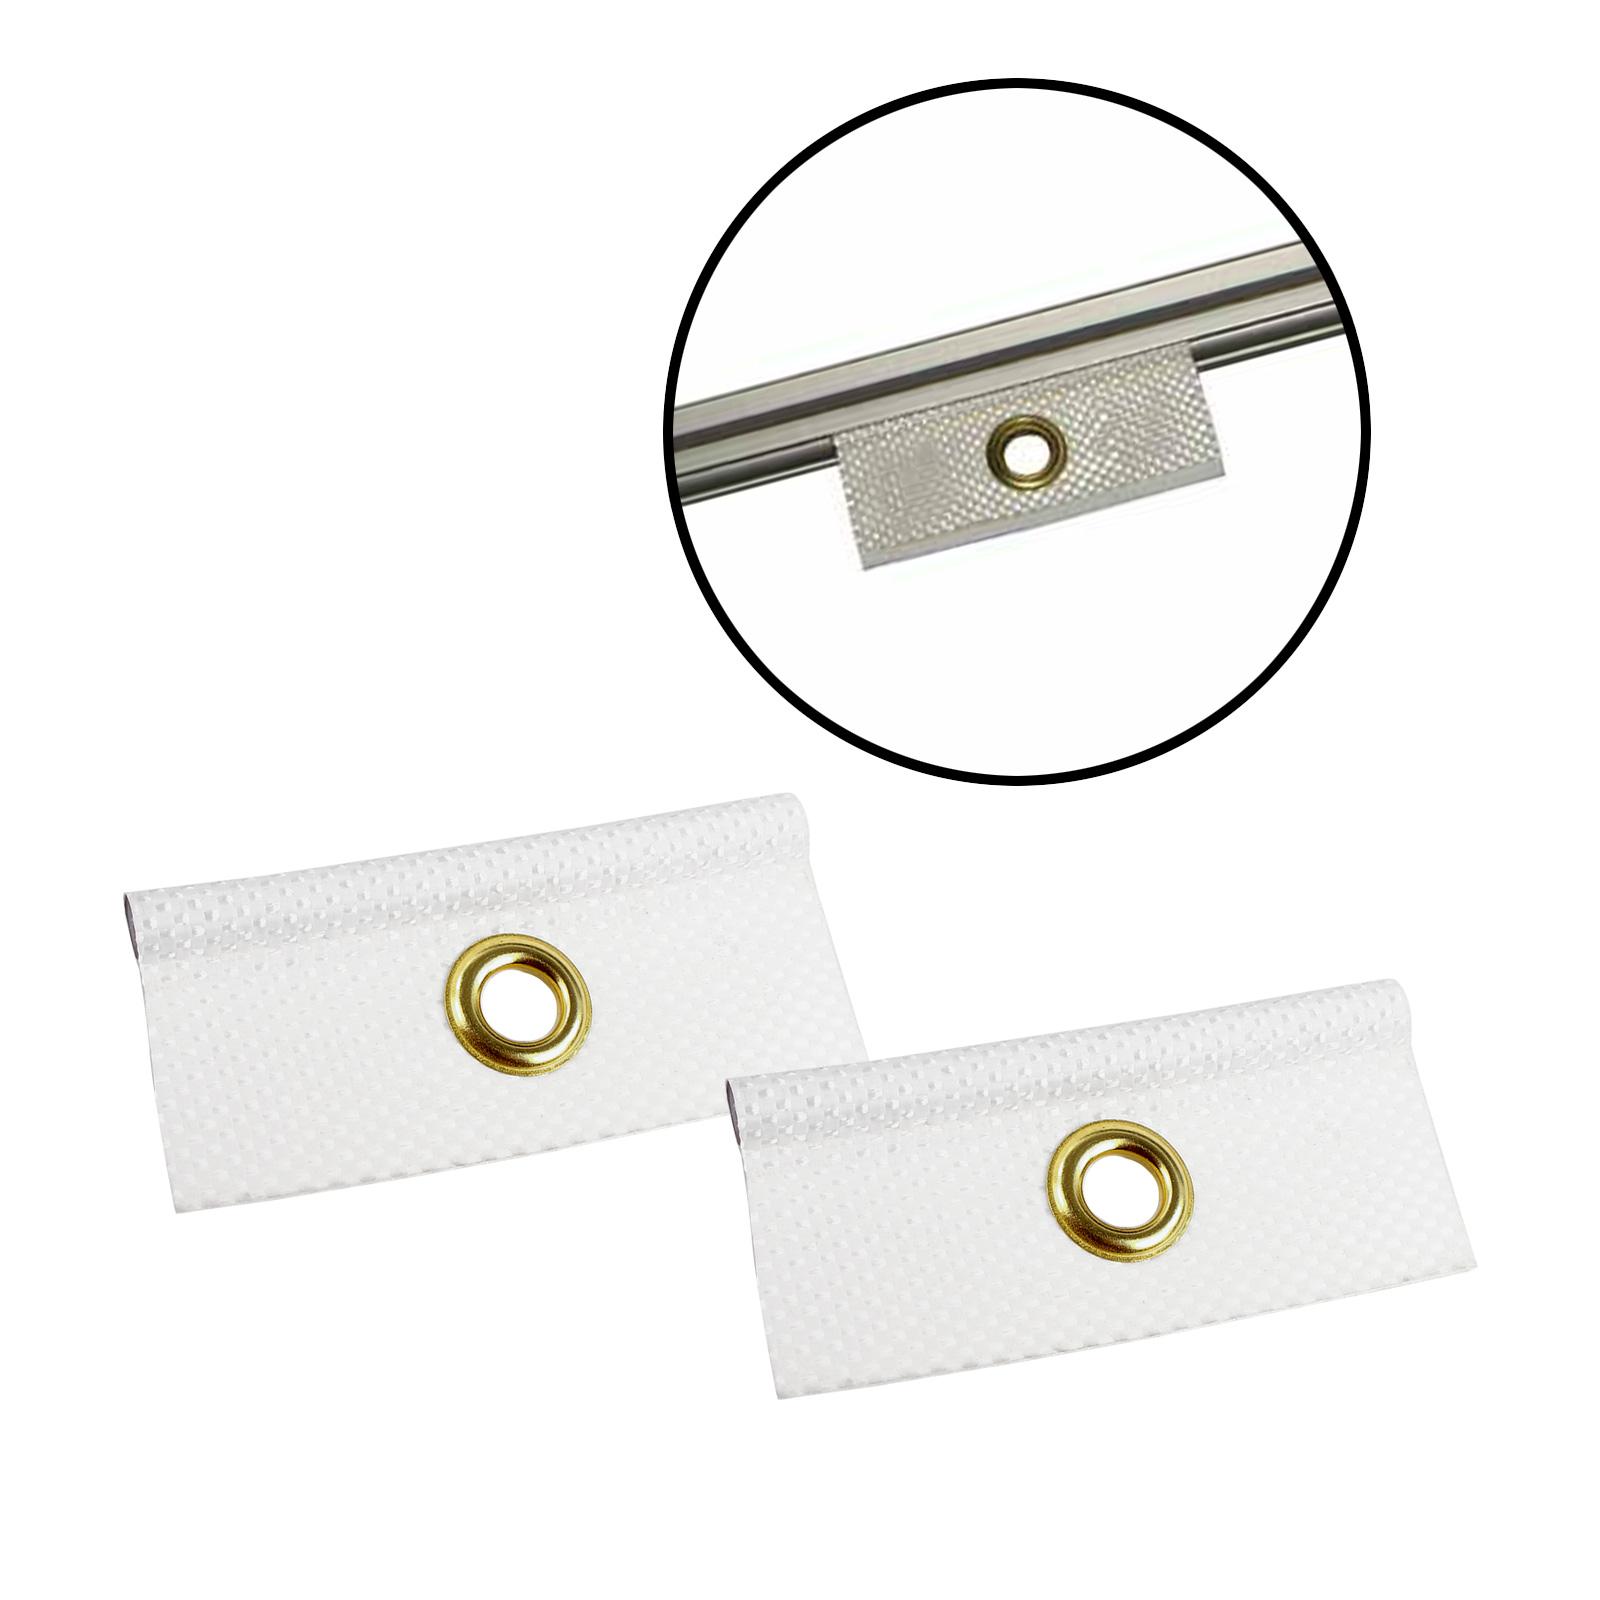 2er Set Kederöse weiß 7,5 mm für Kederschiene Wohnwagen & Wohnmobil Keder Öse